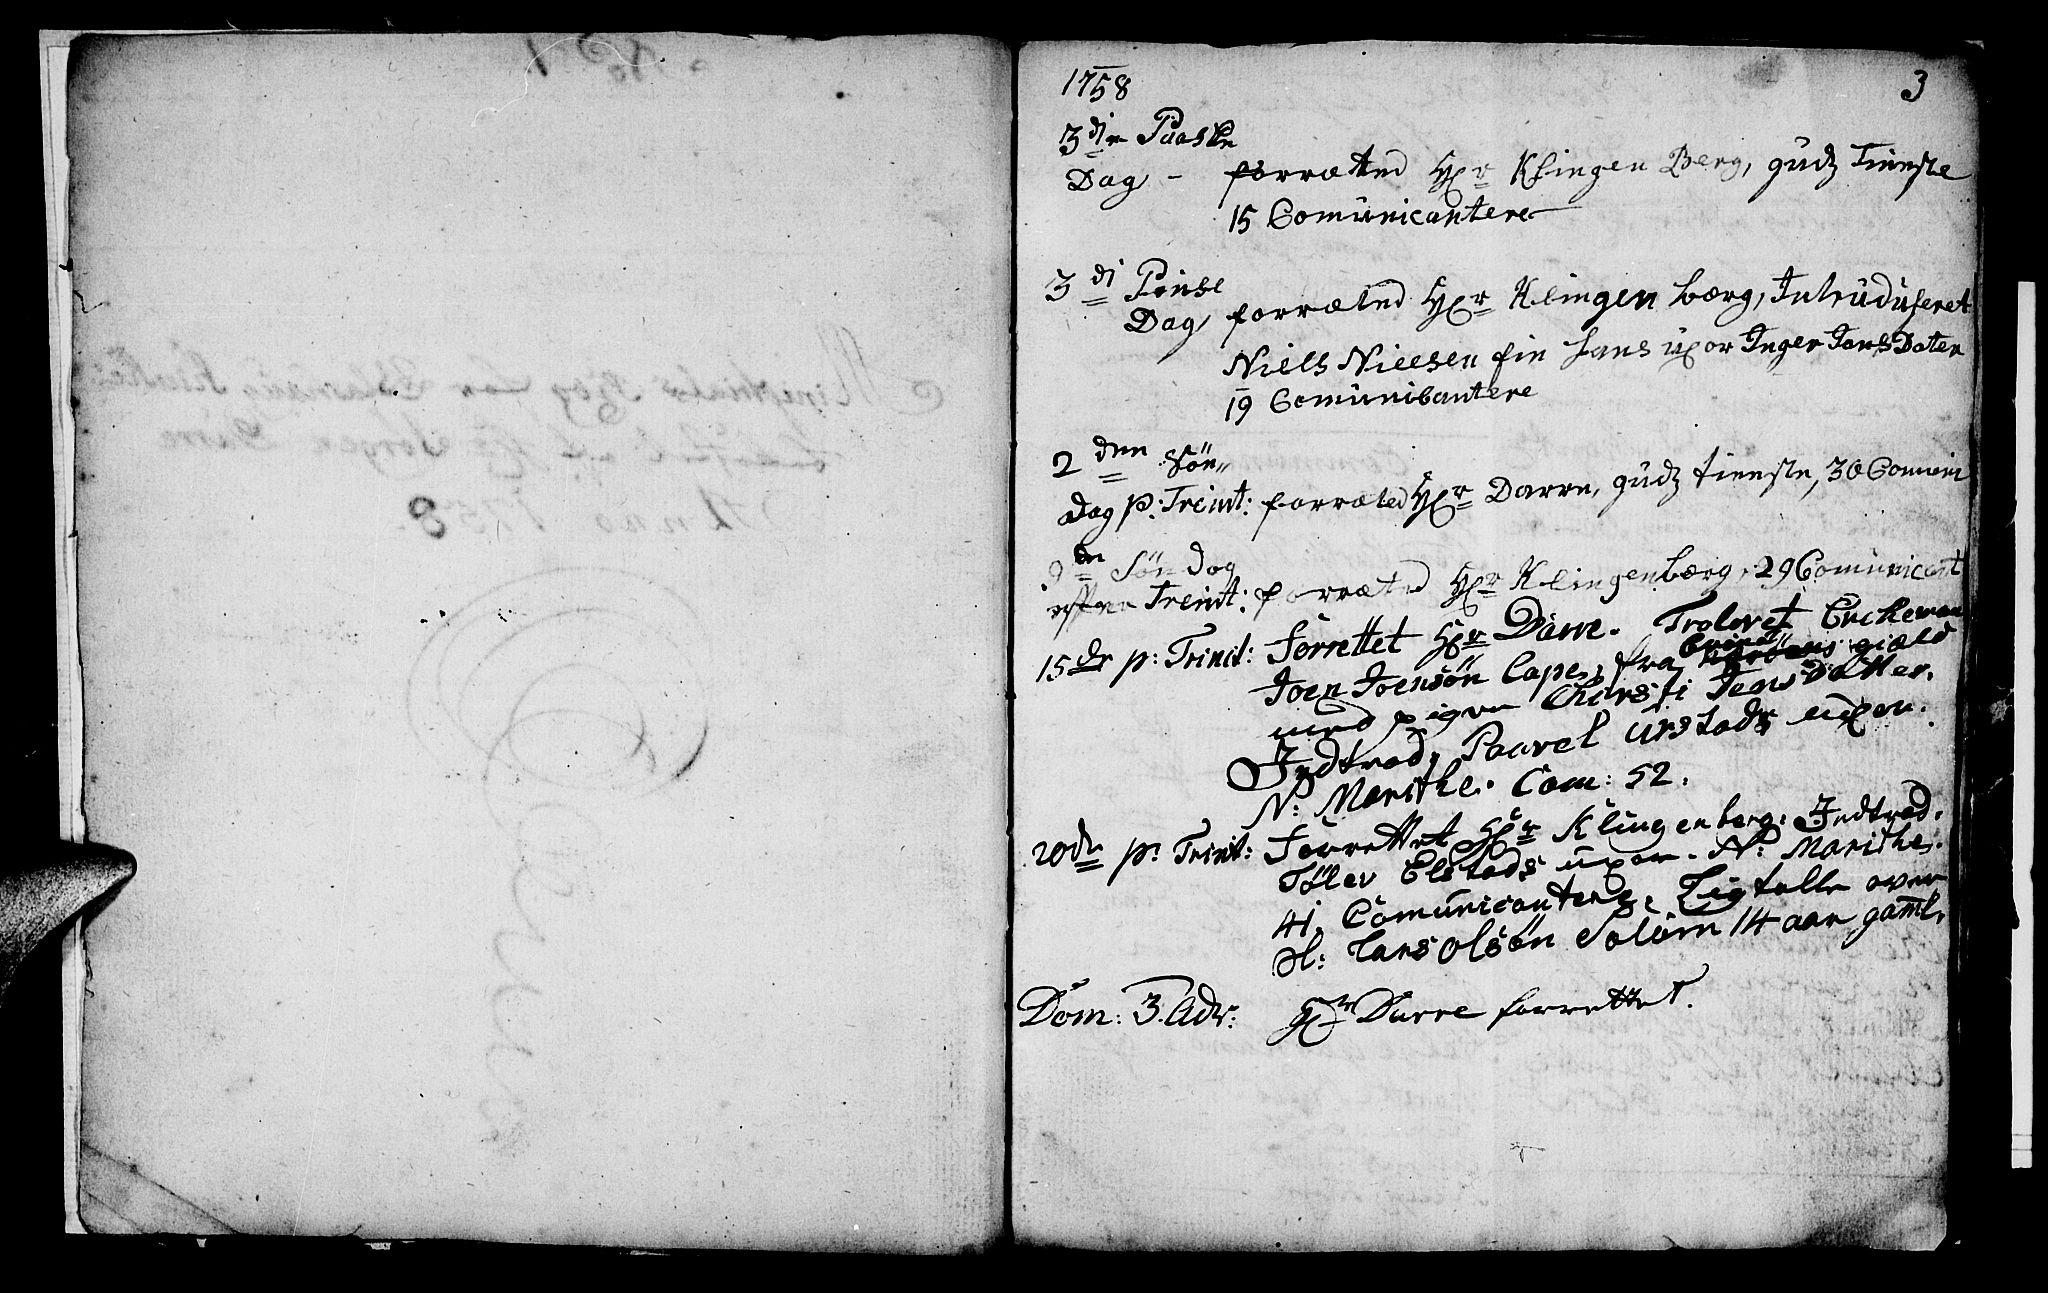 SAT, Ministerialprotokoller, klokkerbøker og fødselsregistre - Nord-Trøndelag, 759/L0526: Ministerialbok nr. 759A02, 1758-1765, s. 3